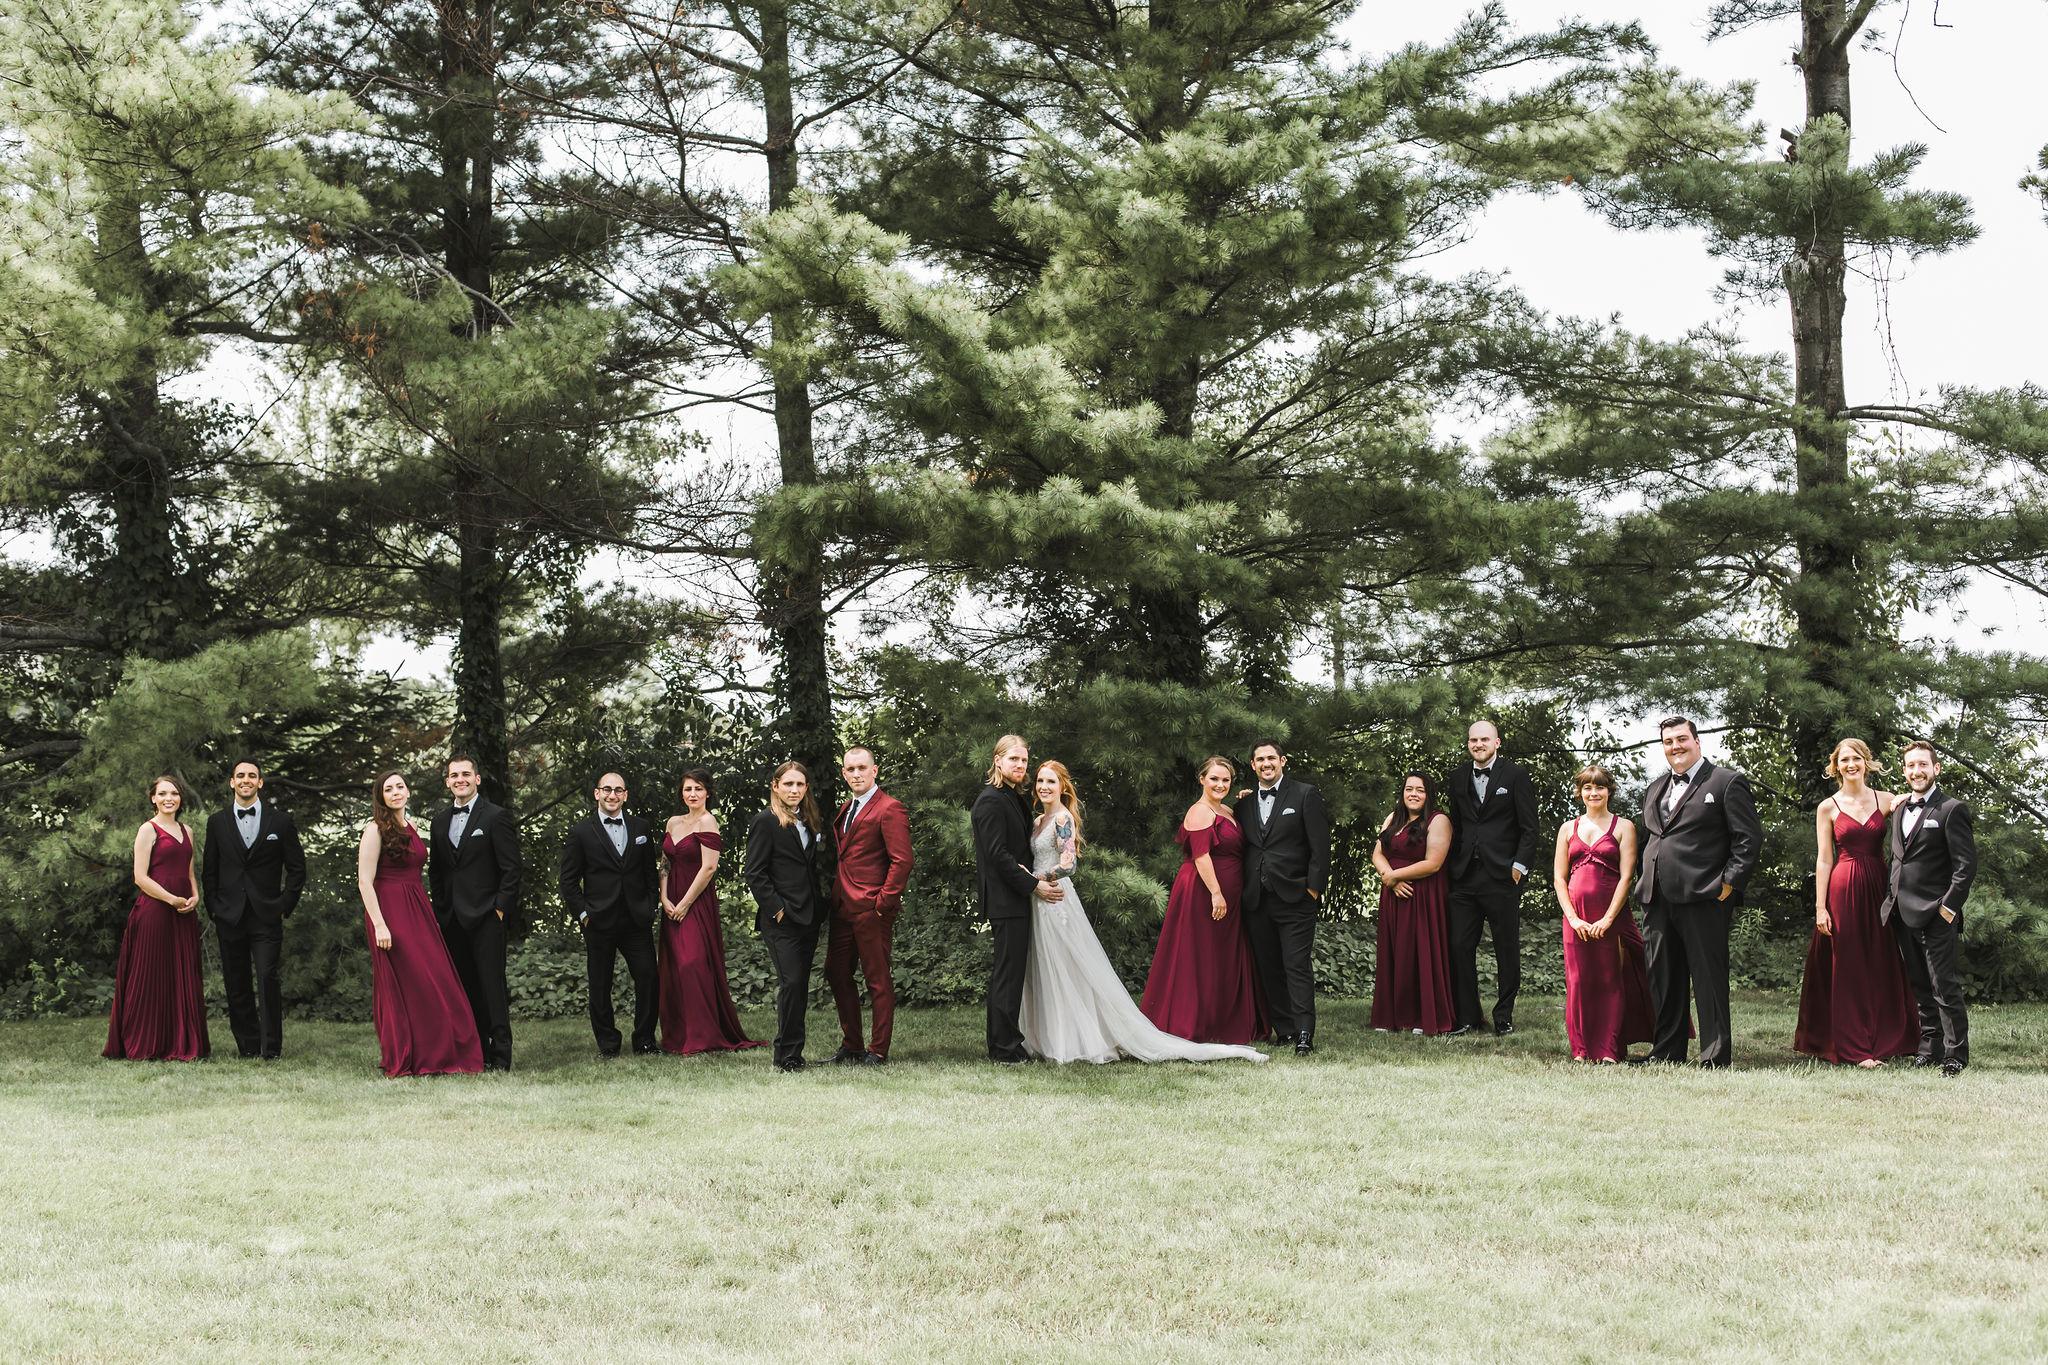 Wine wedding party